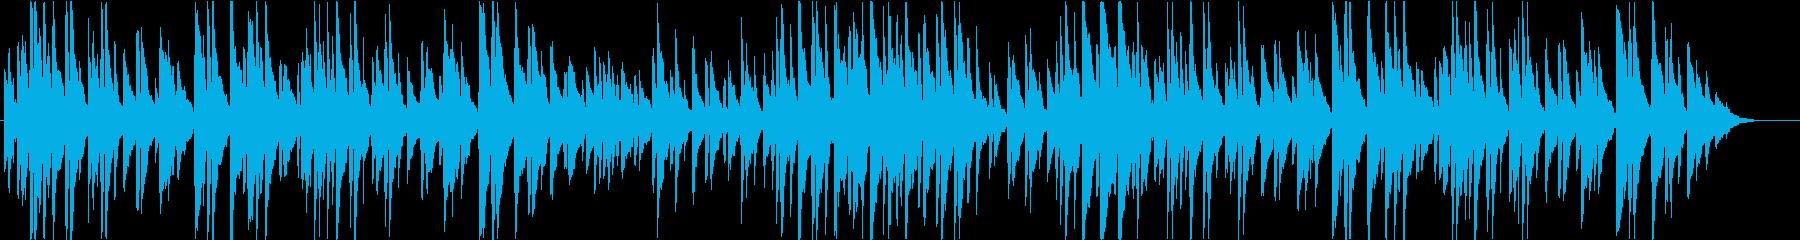 分かりやすいメロディーラインのポップスの再生済みの波形